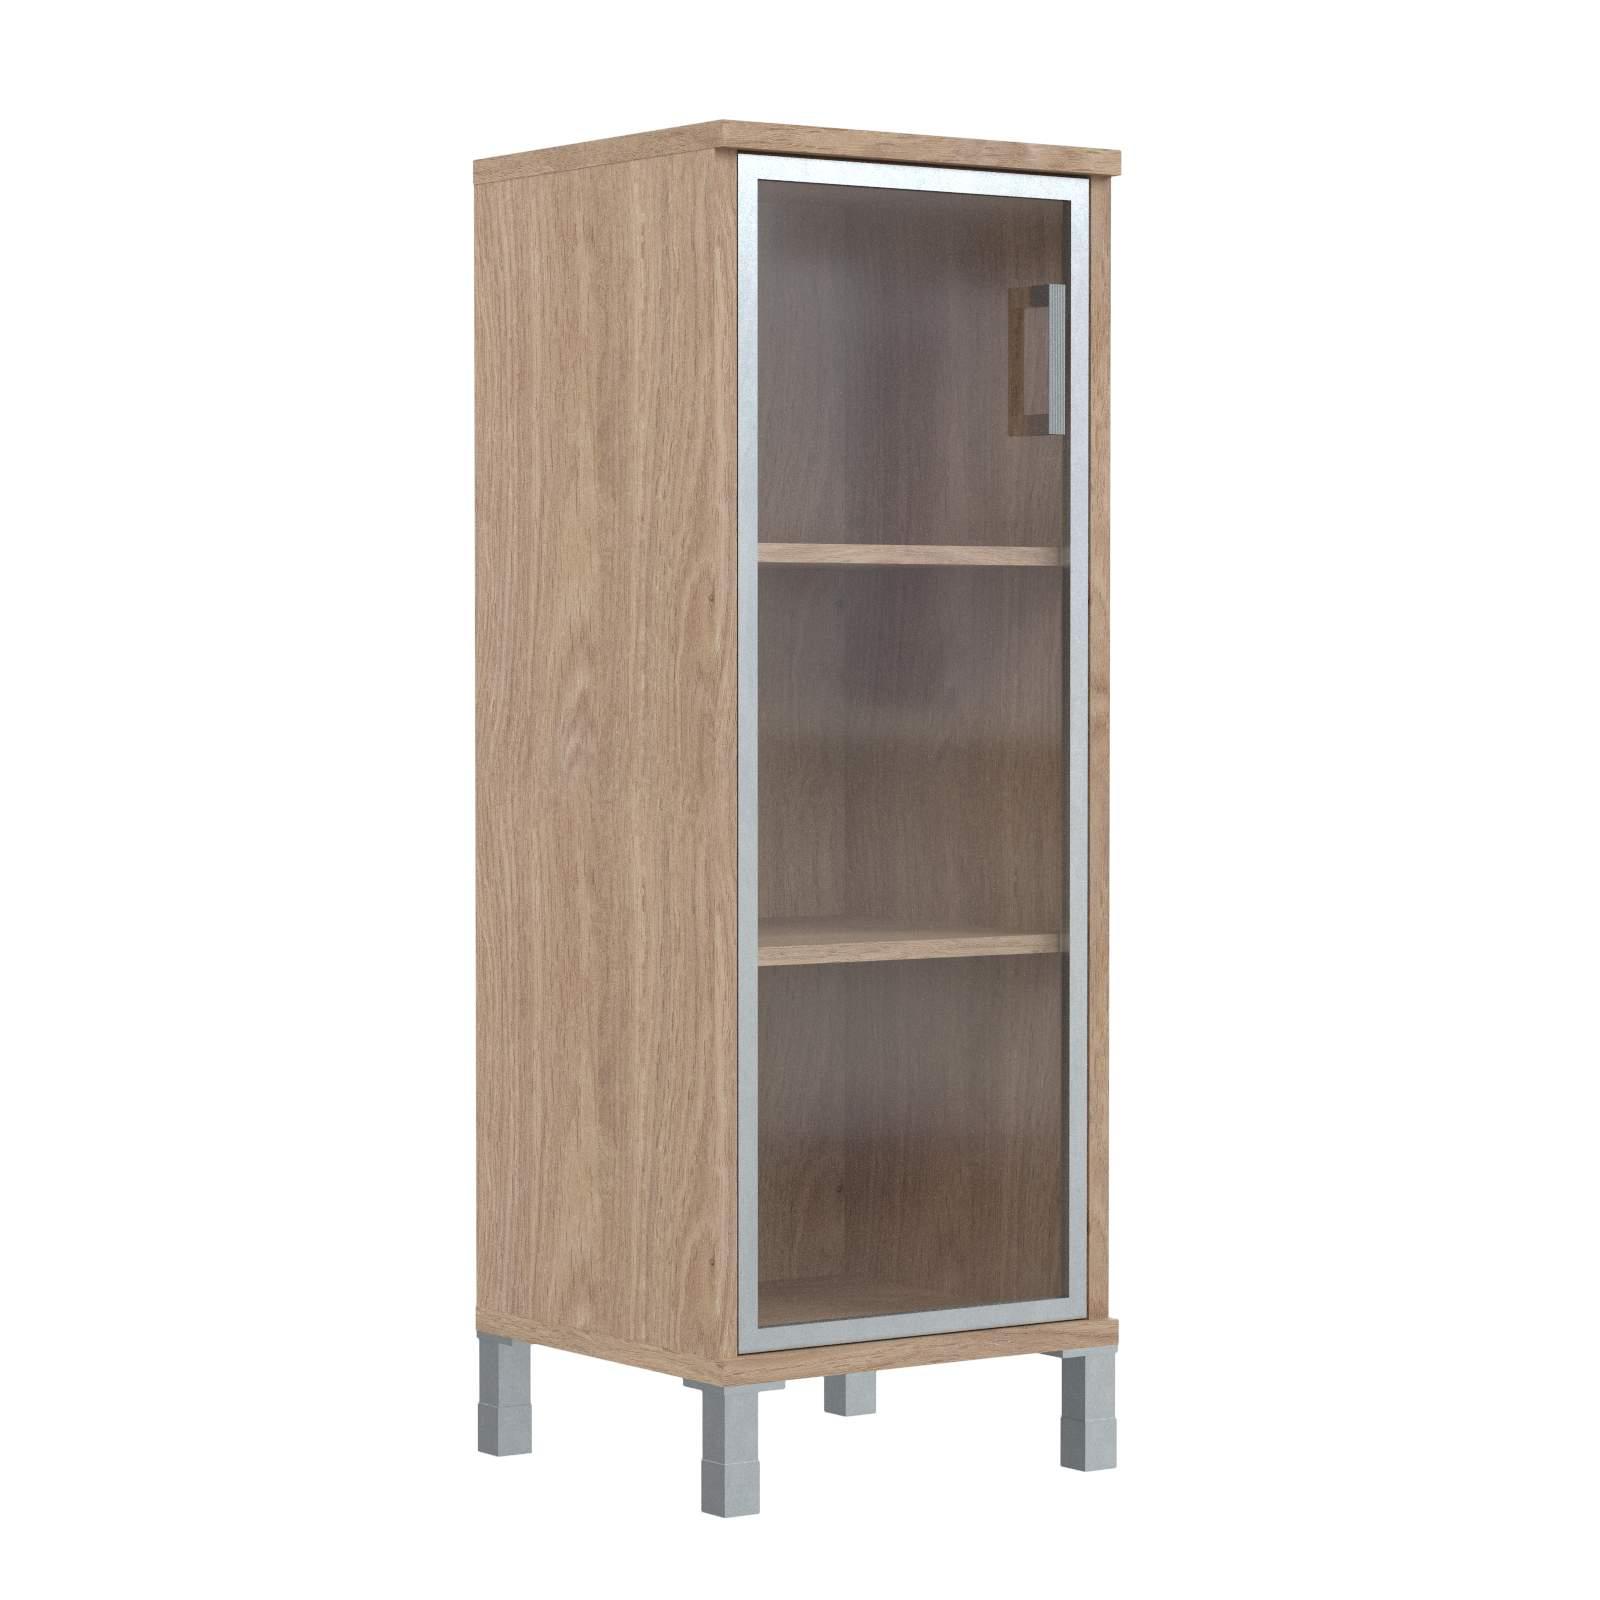 Шкаф колонка средняя со стеклянной дверью в алюм. рамке левая 475х435х1236